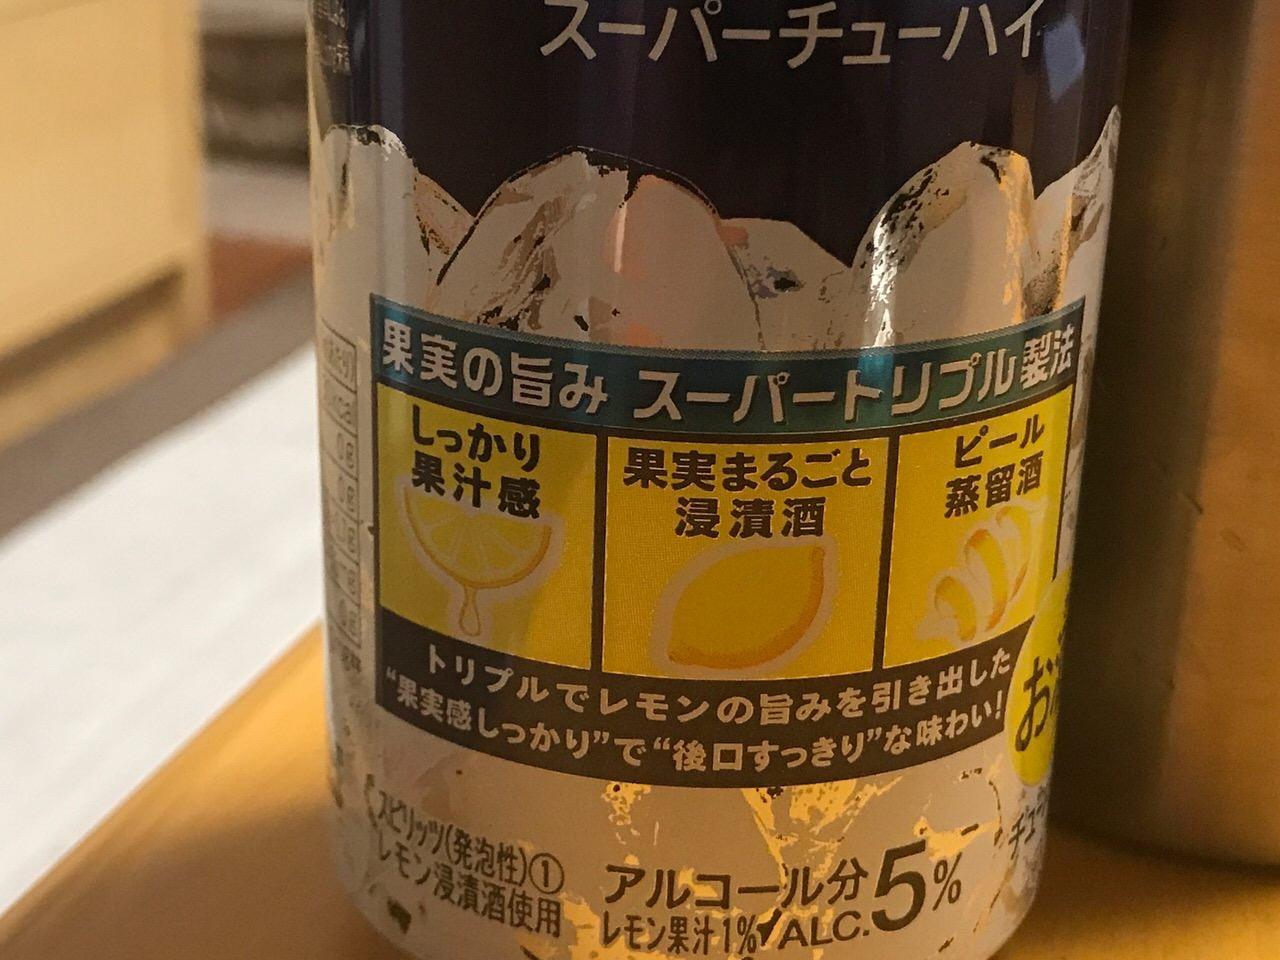 サントリースーパーチューハイ〈すっきりレモン〉